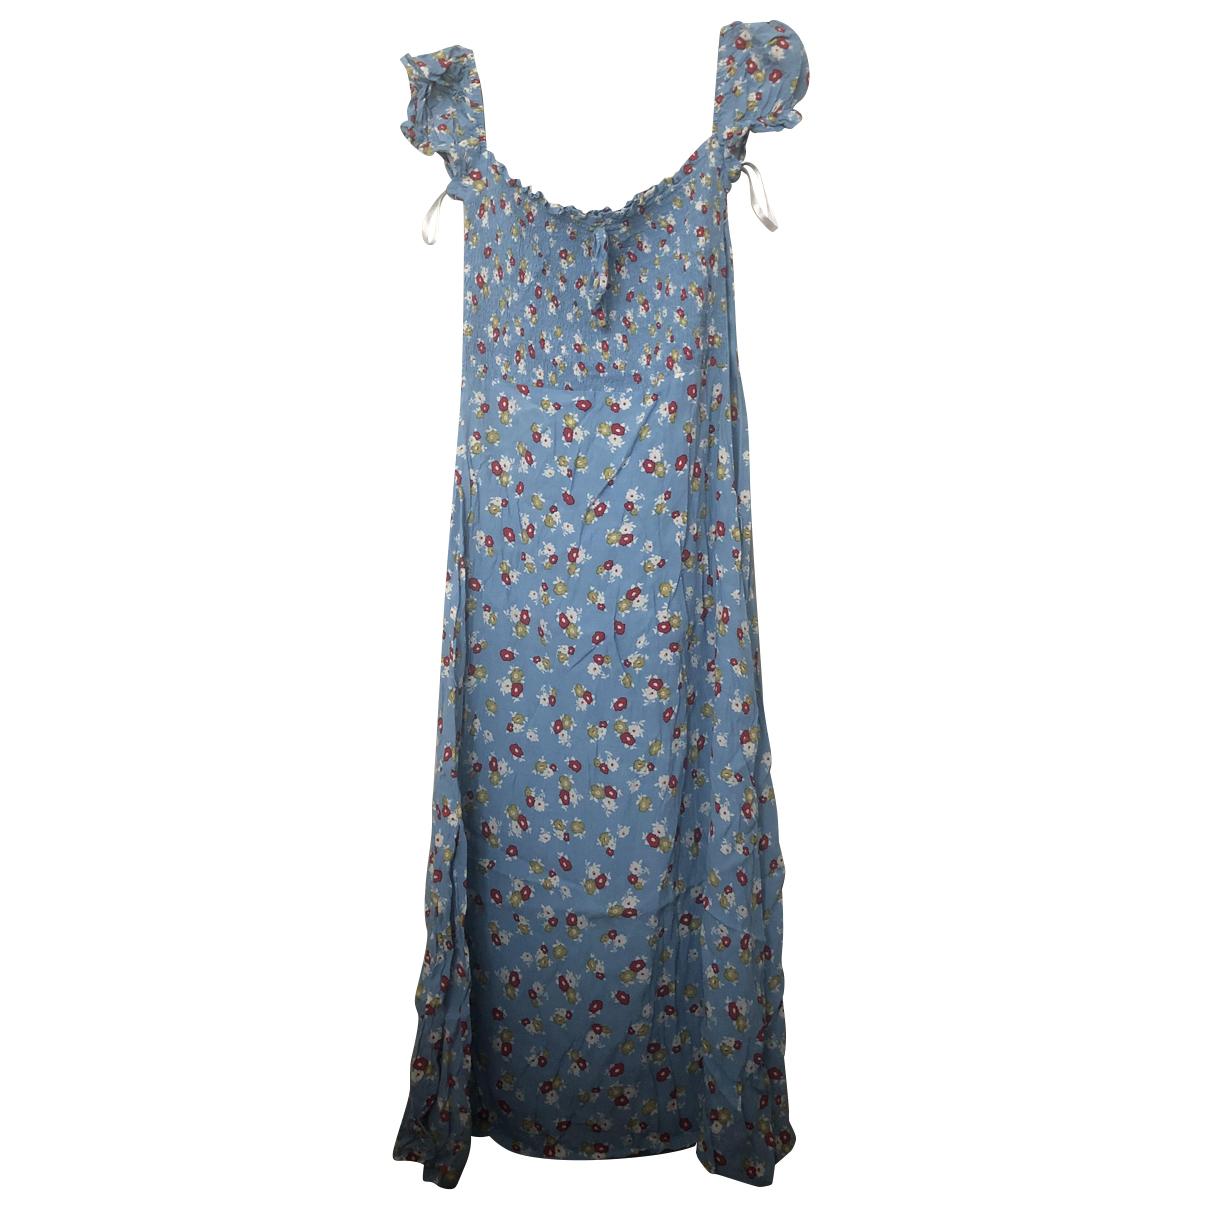 Faithfull The Brand N Blue Cotton - elasthane dress for Women 4 US